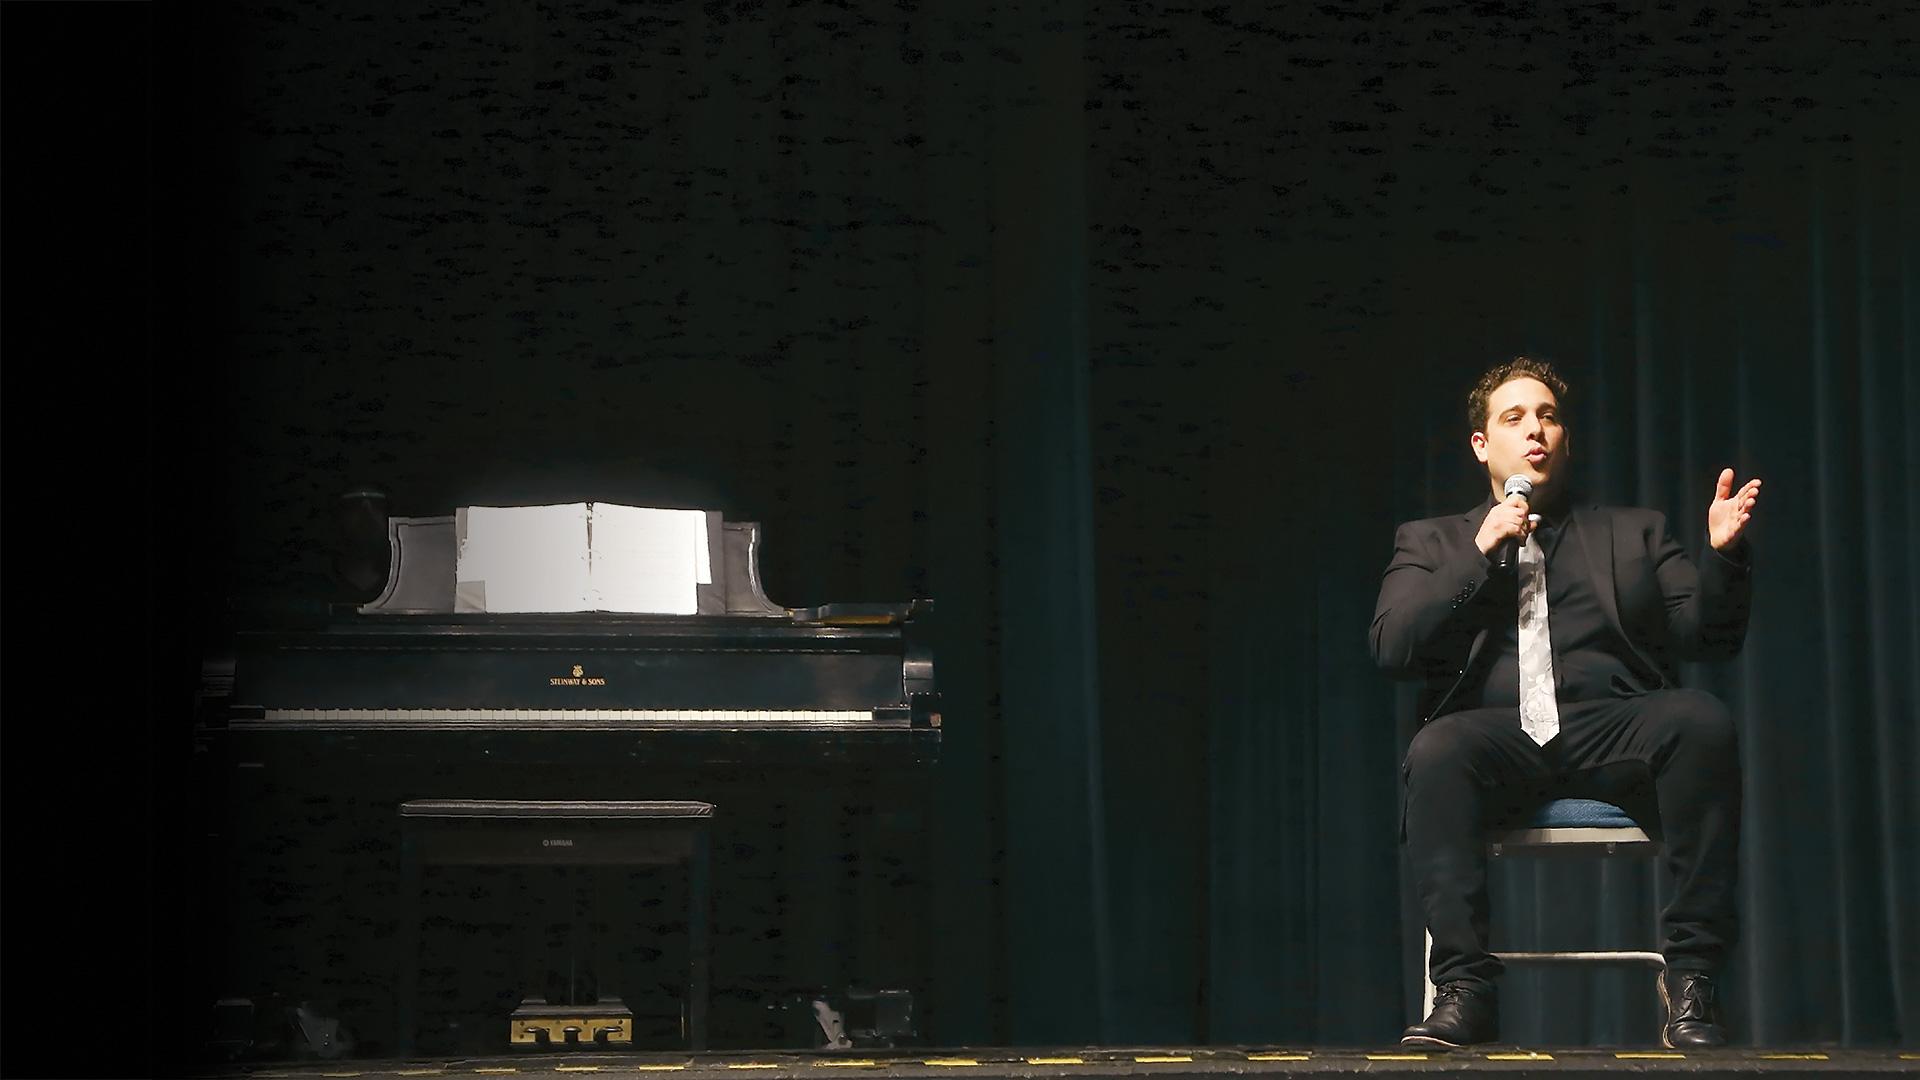 Tony Valdovinos dirigiéndose a su audiencia